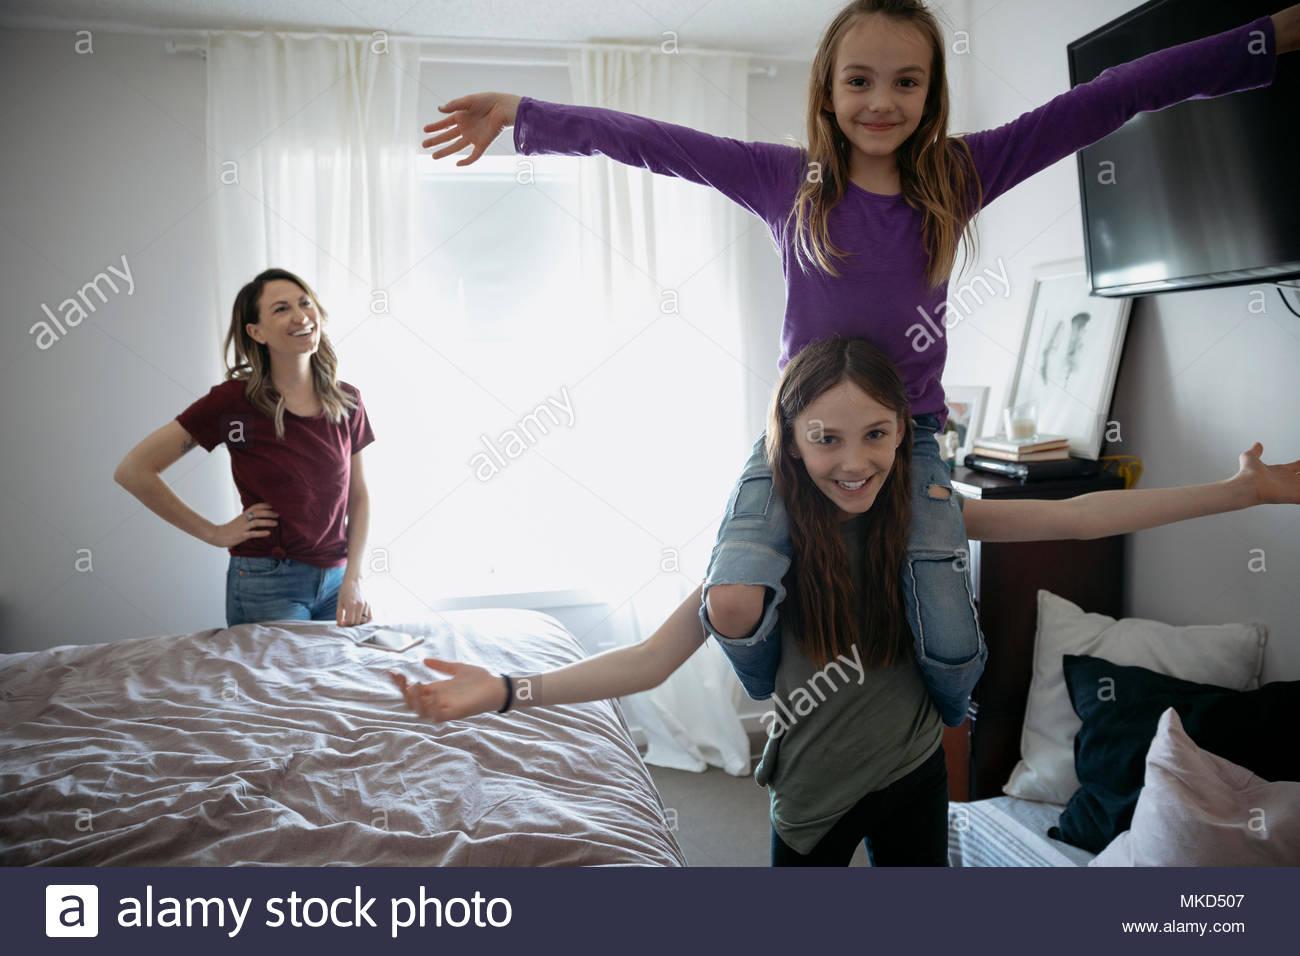 Retrato juguetona hermana niña cargando sobre los hombros en el dormitorio Imagen De Stock